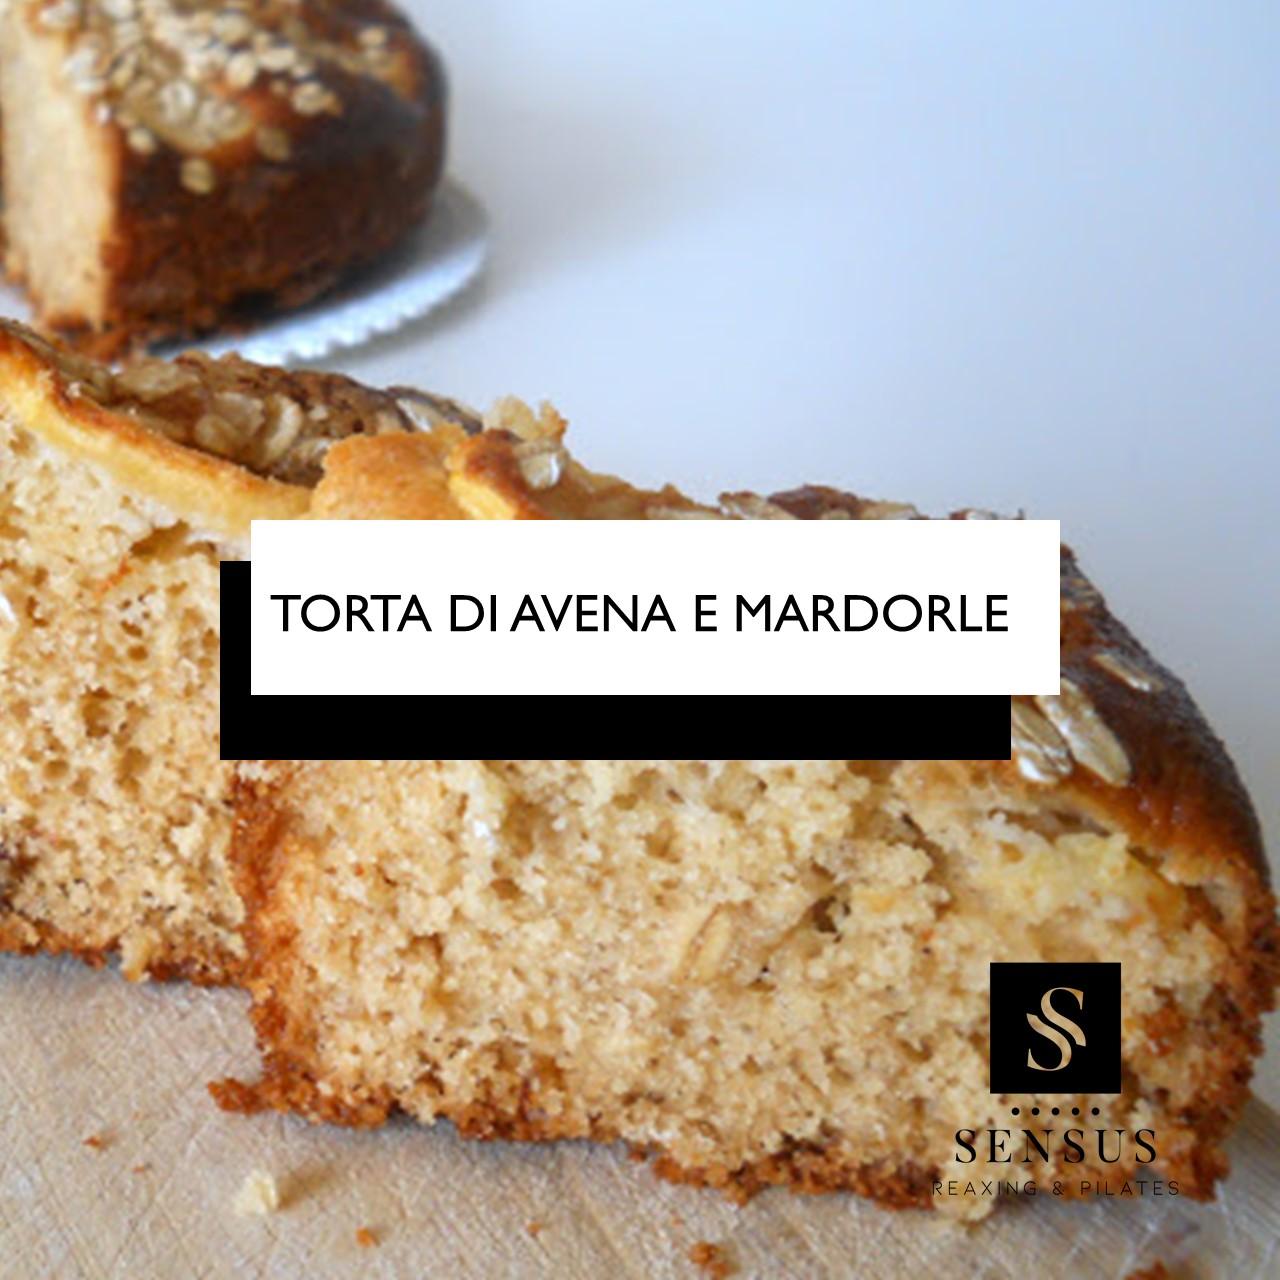 TORTA DI AVENA E MANDORLE